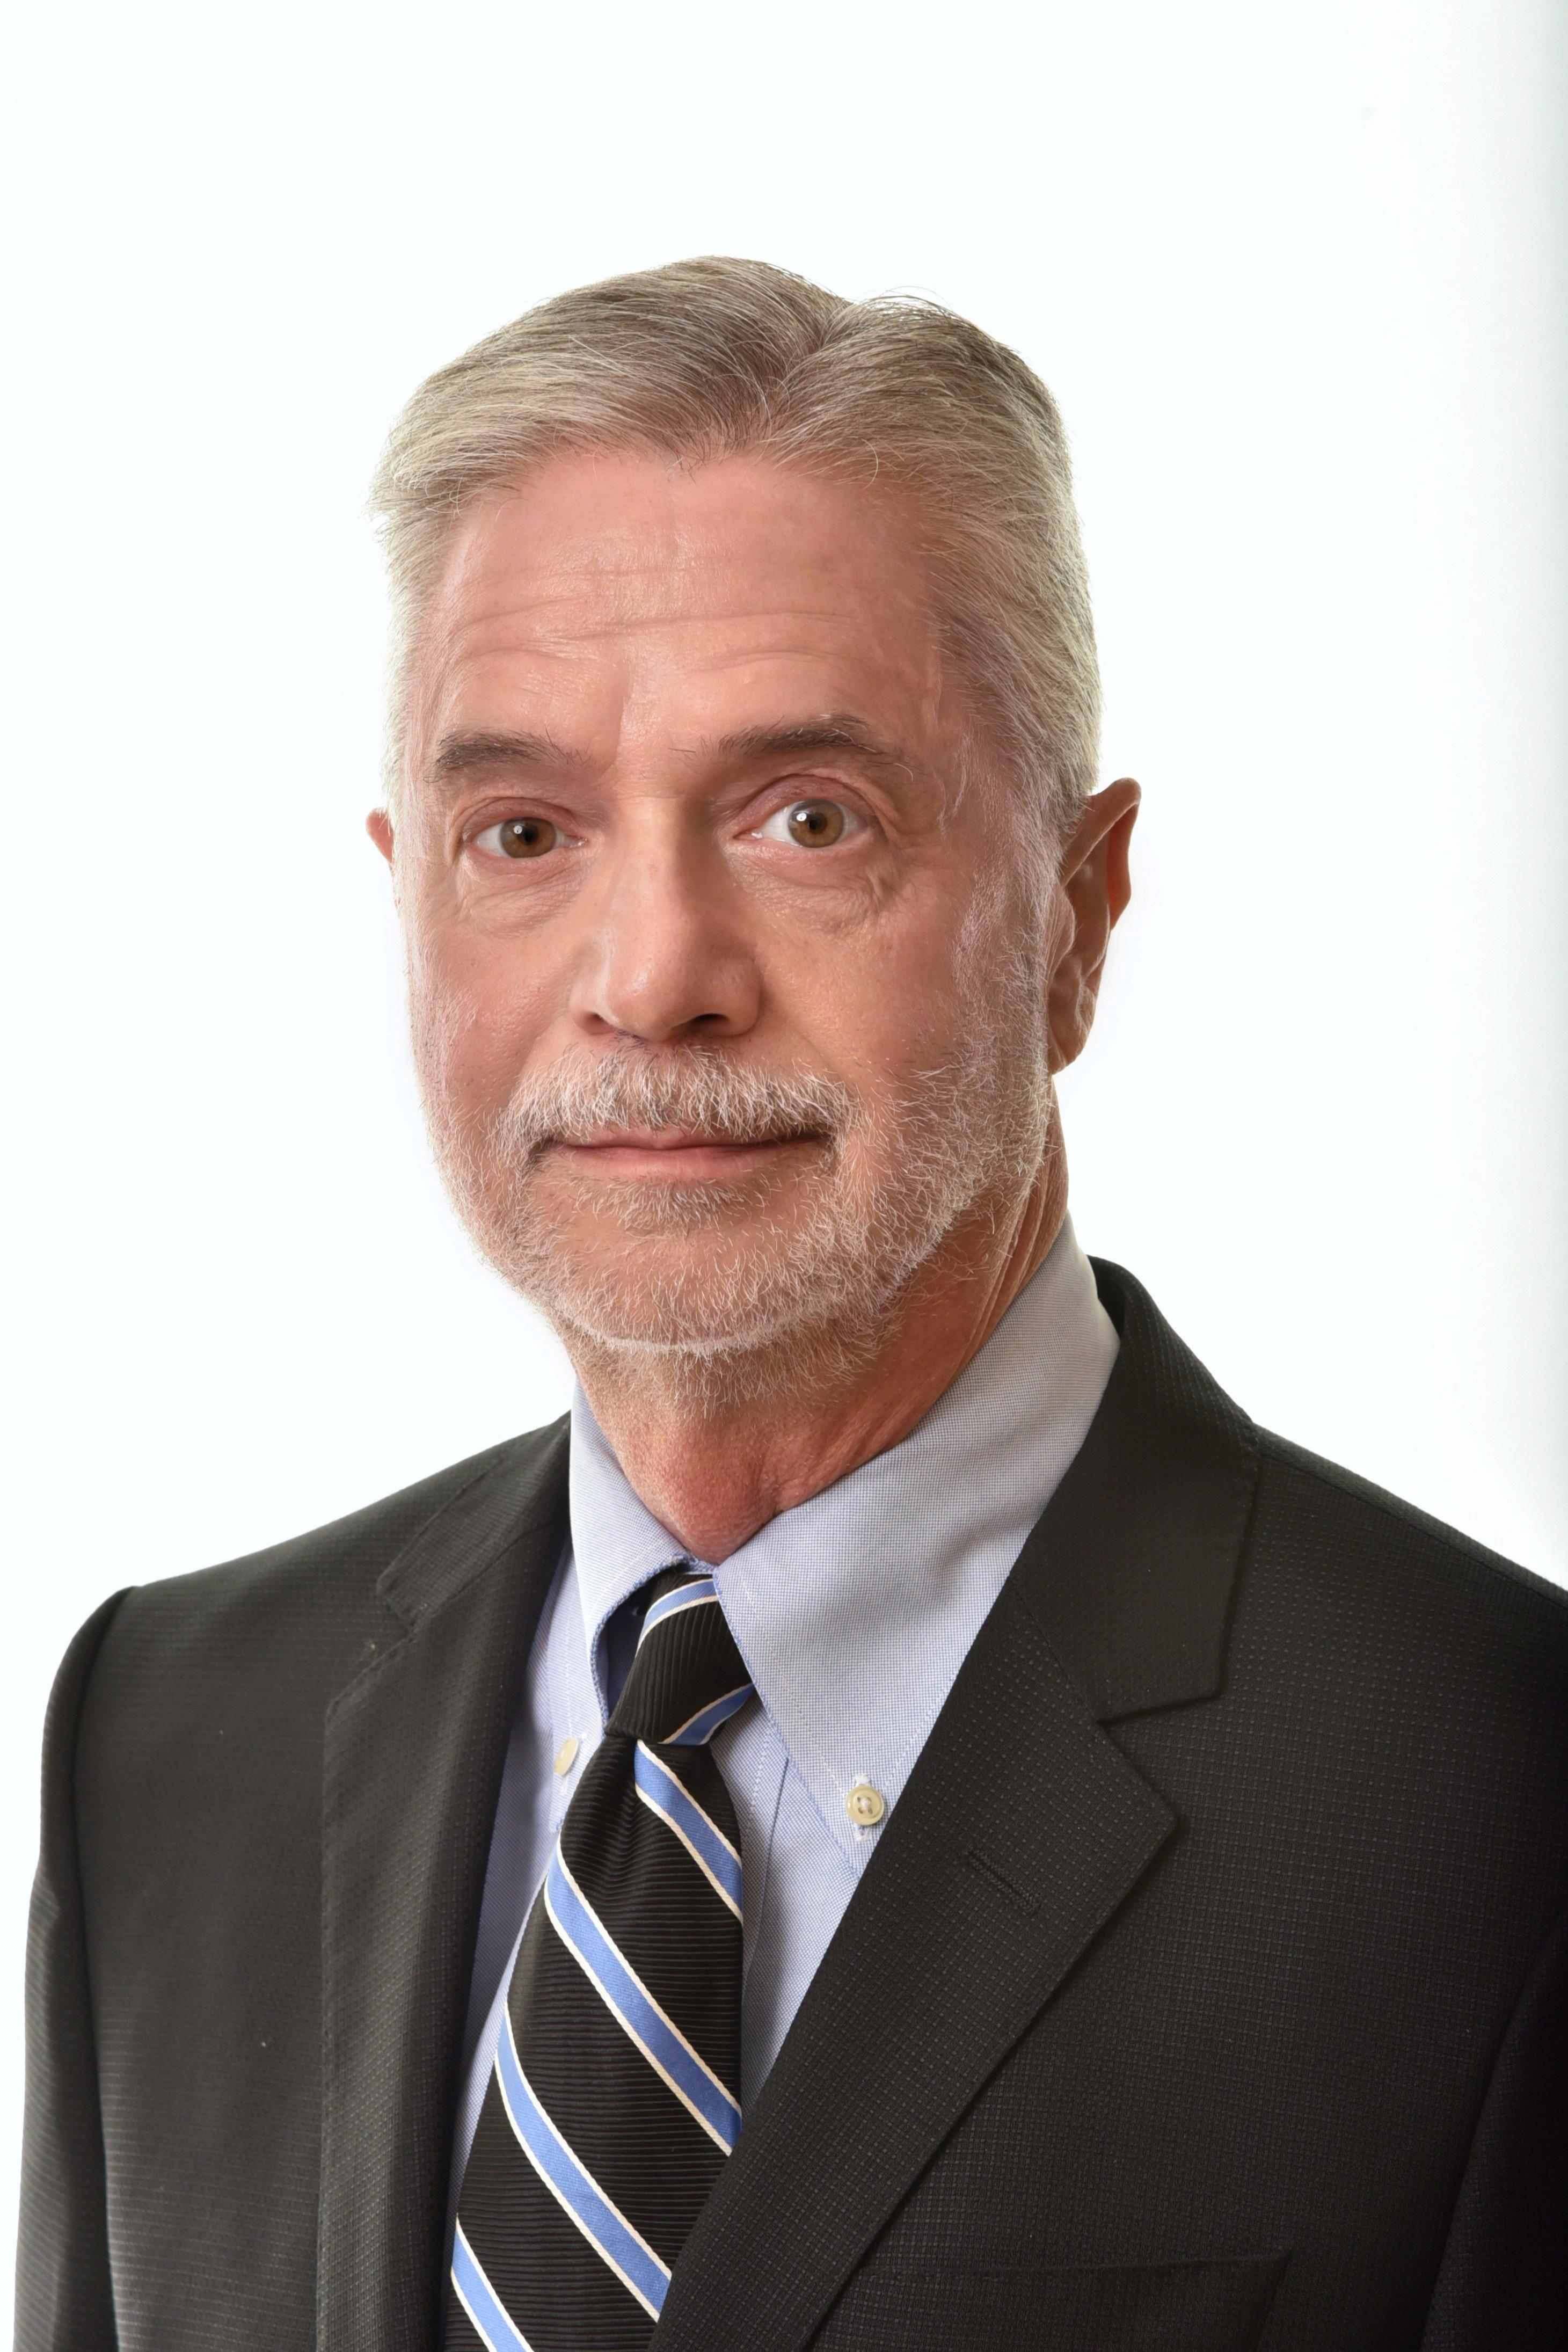 Neil Spector